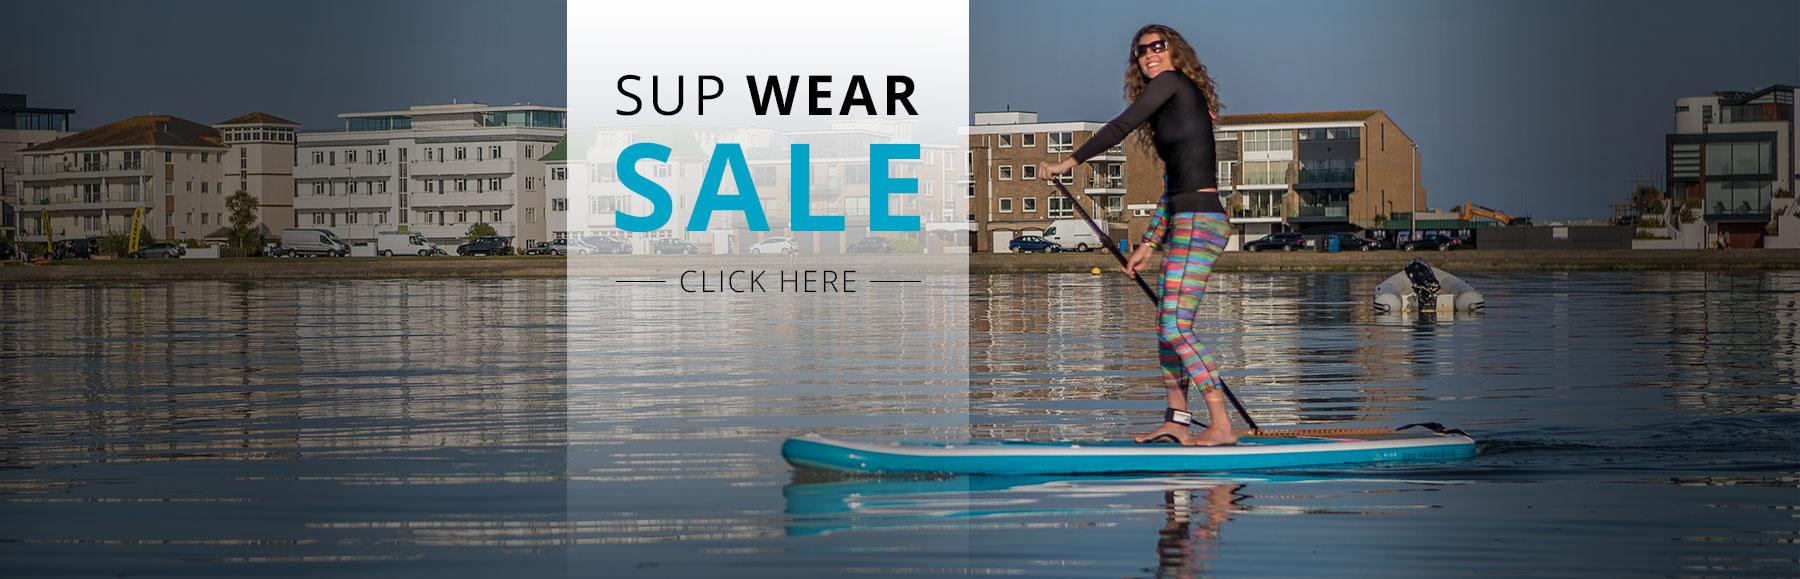 SUP Wear Sale